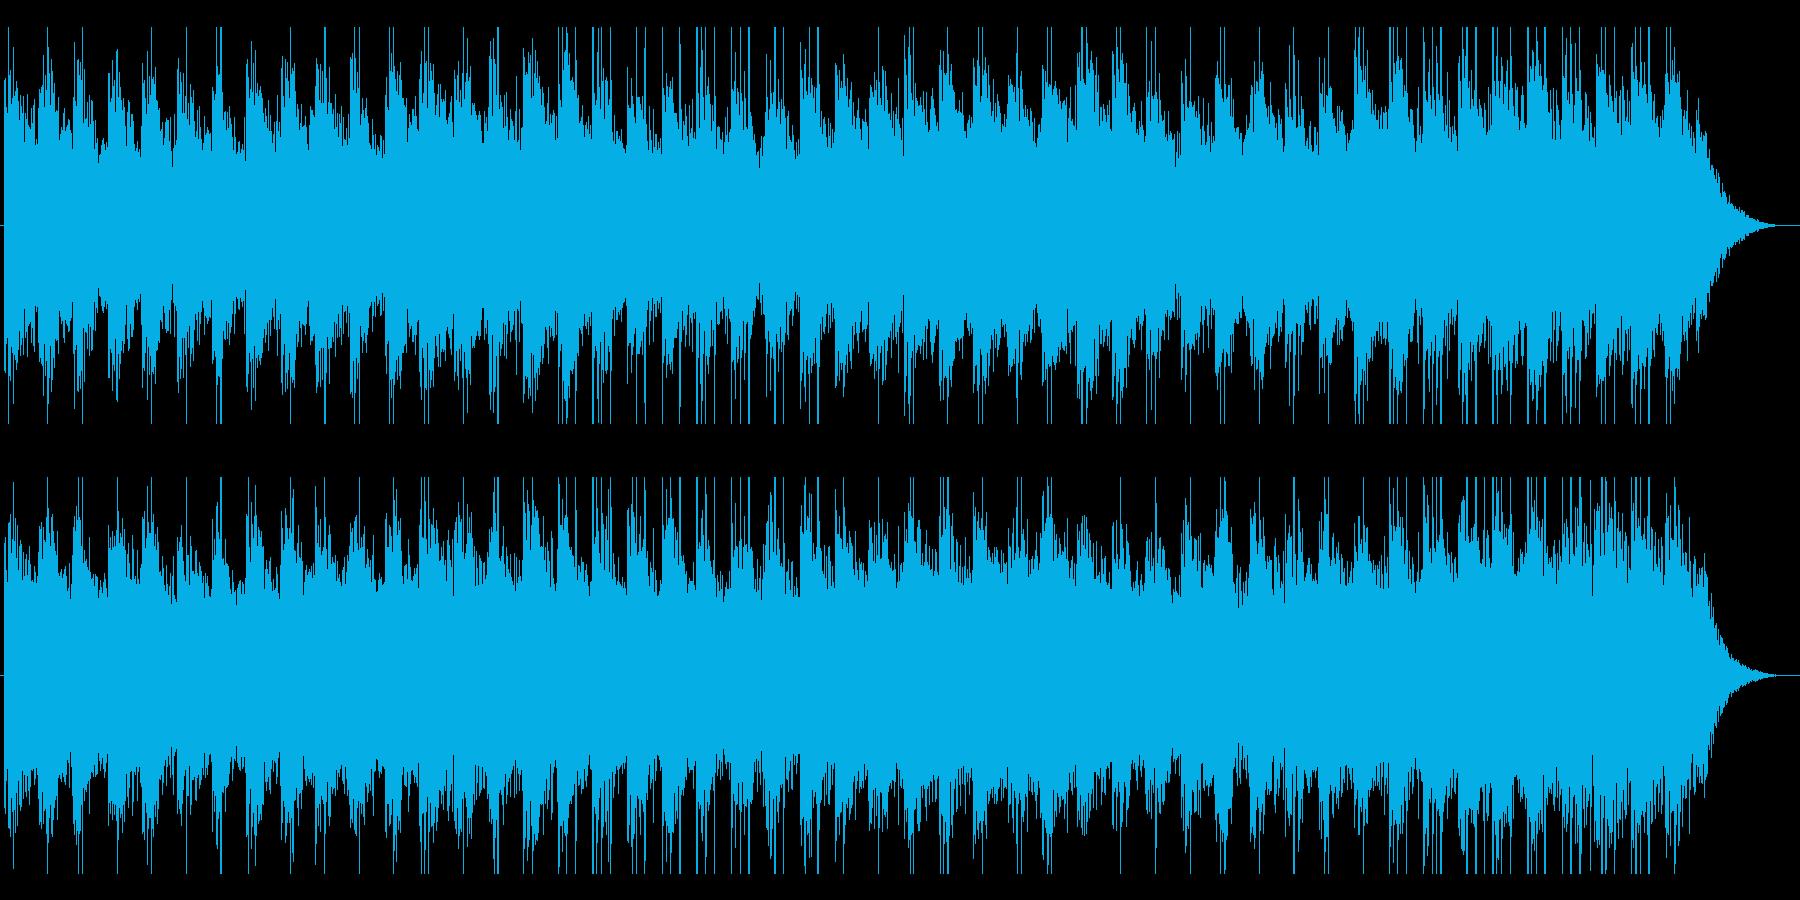 大正琴の日本イメージの曲のメロ抜きの再生済みの波形